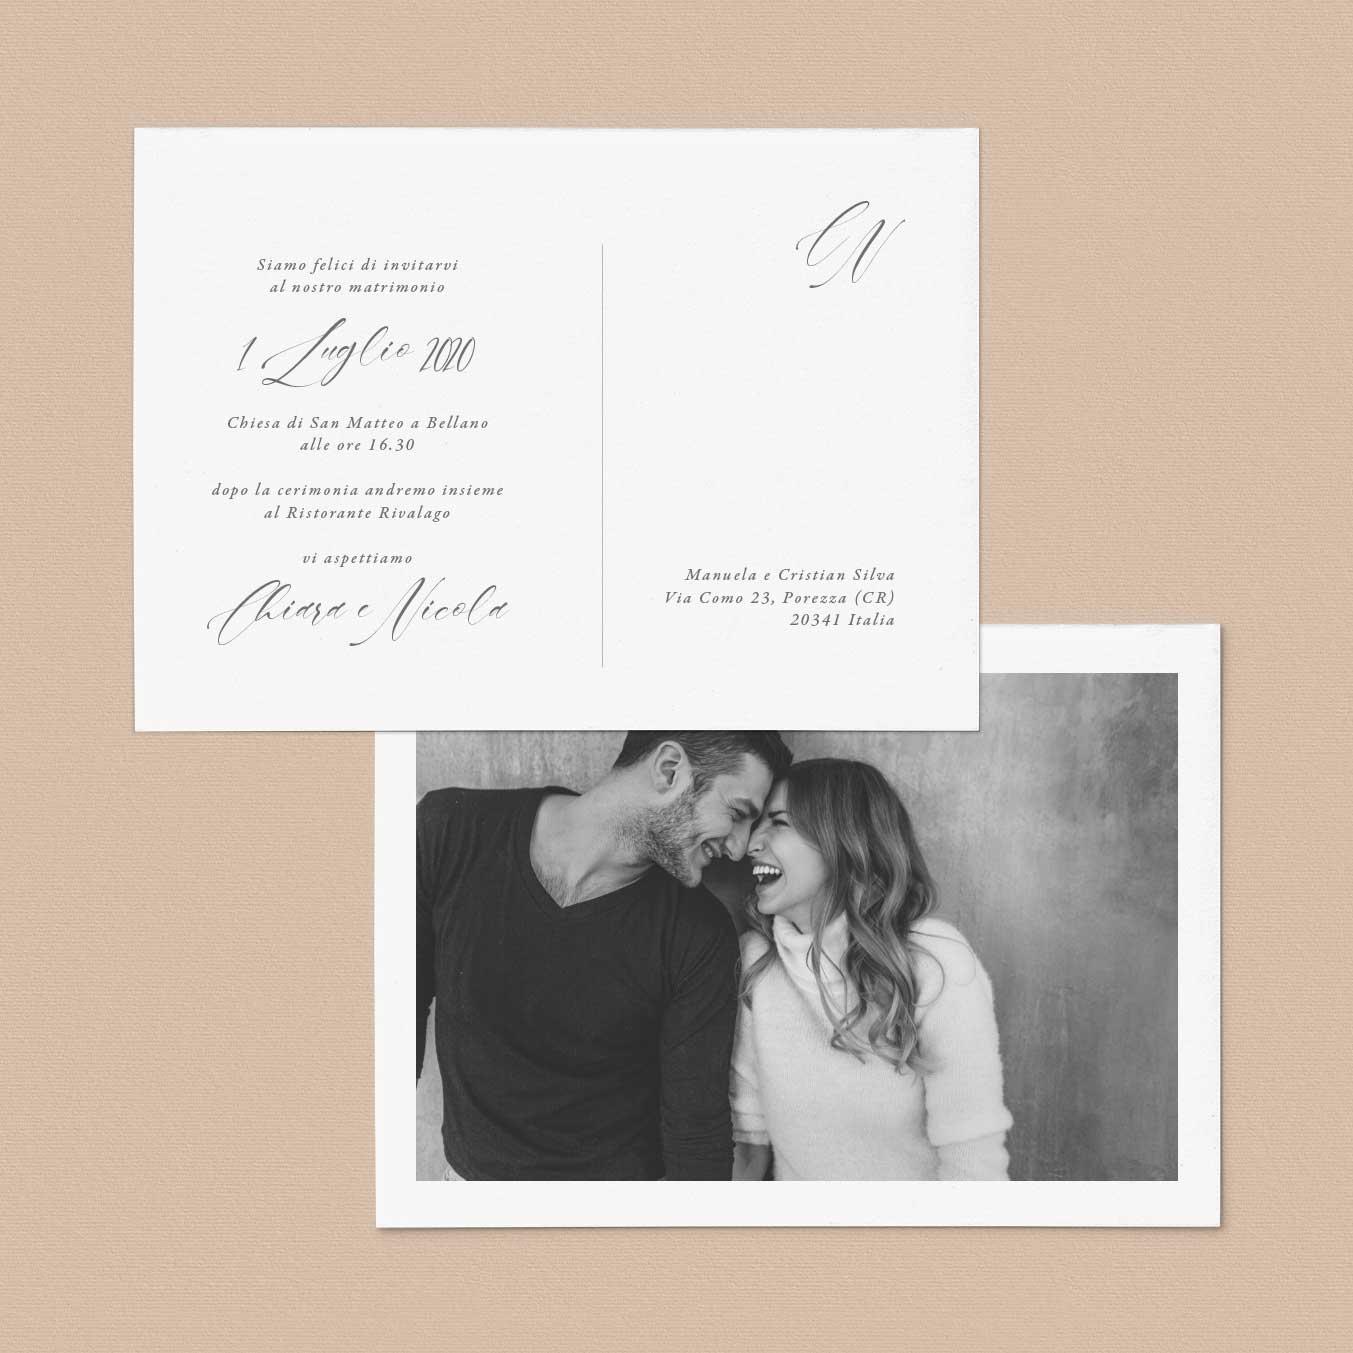 Inviti-partecipazioni-matrimonio-nozze-wedding-invitation-cartolina-postcard-vintage-particolare-originale-idea